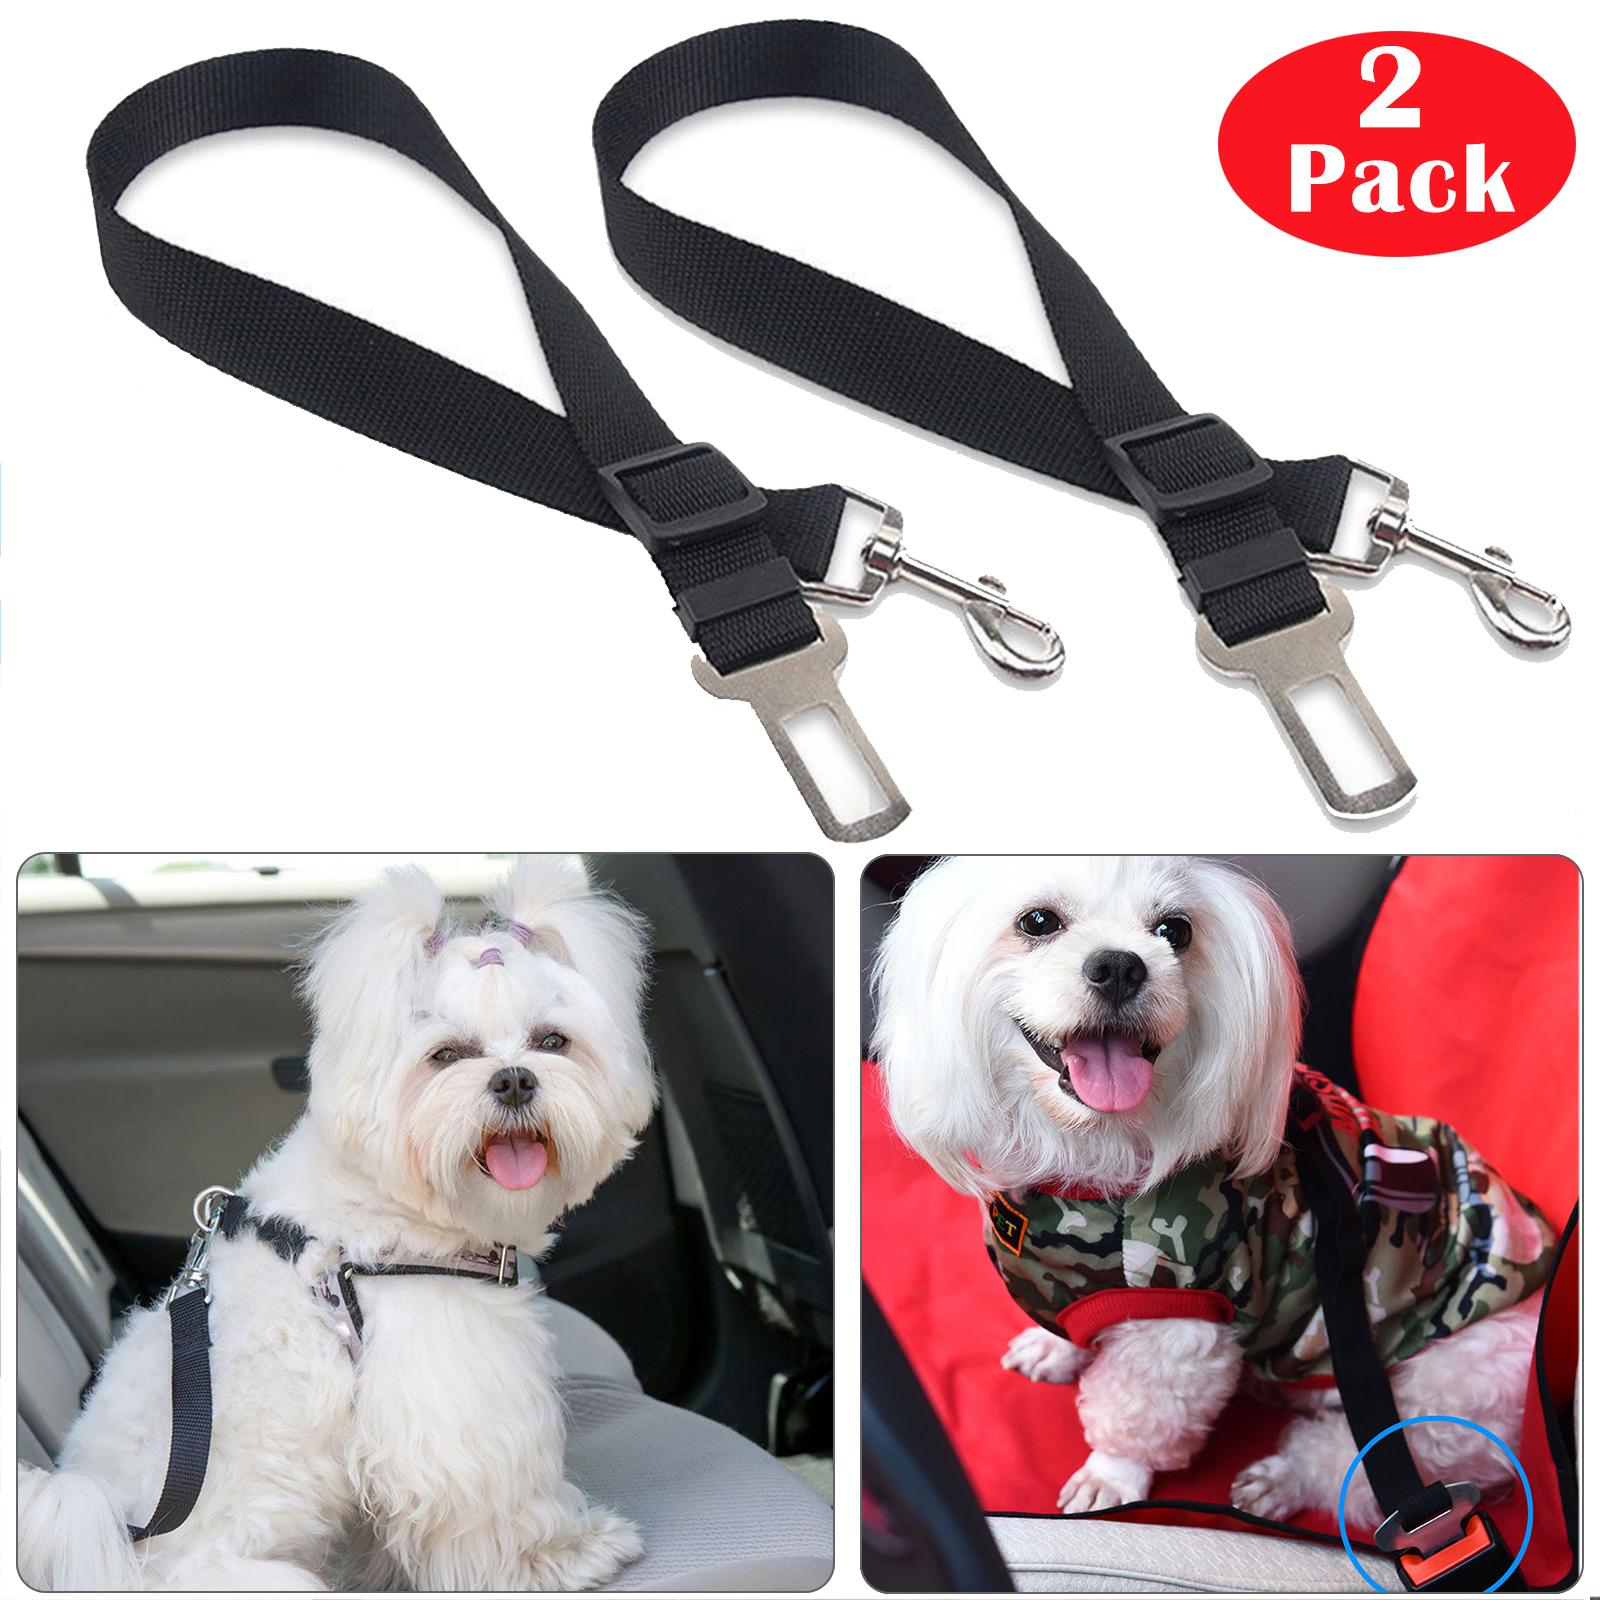 2 Pack Cat Dog Pet Safety Seatbelt for Car Seat Belt Adjusta